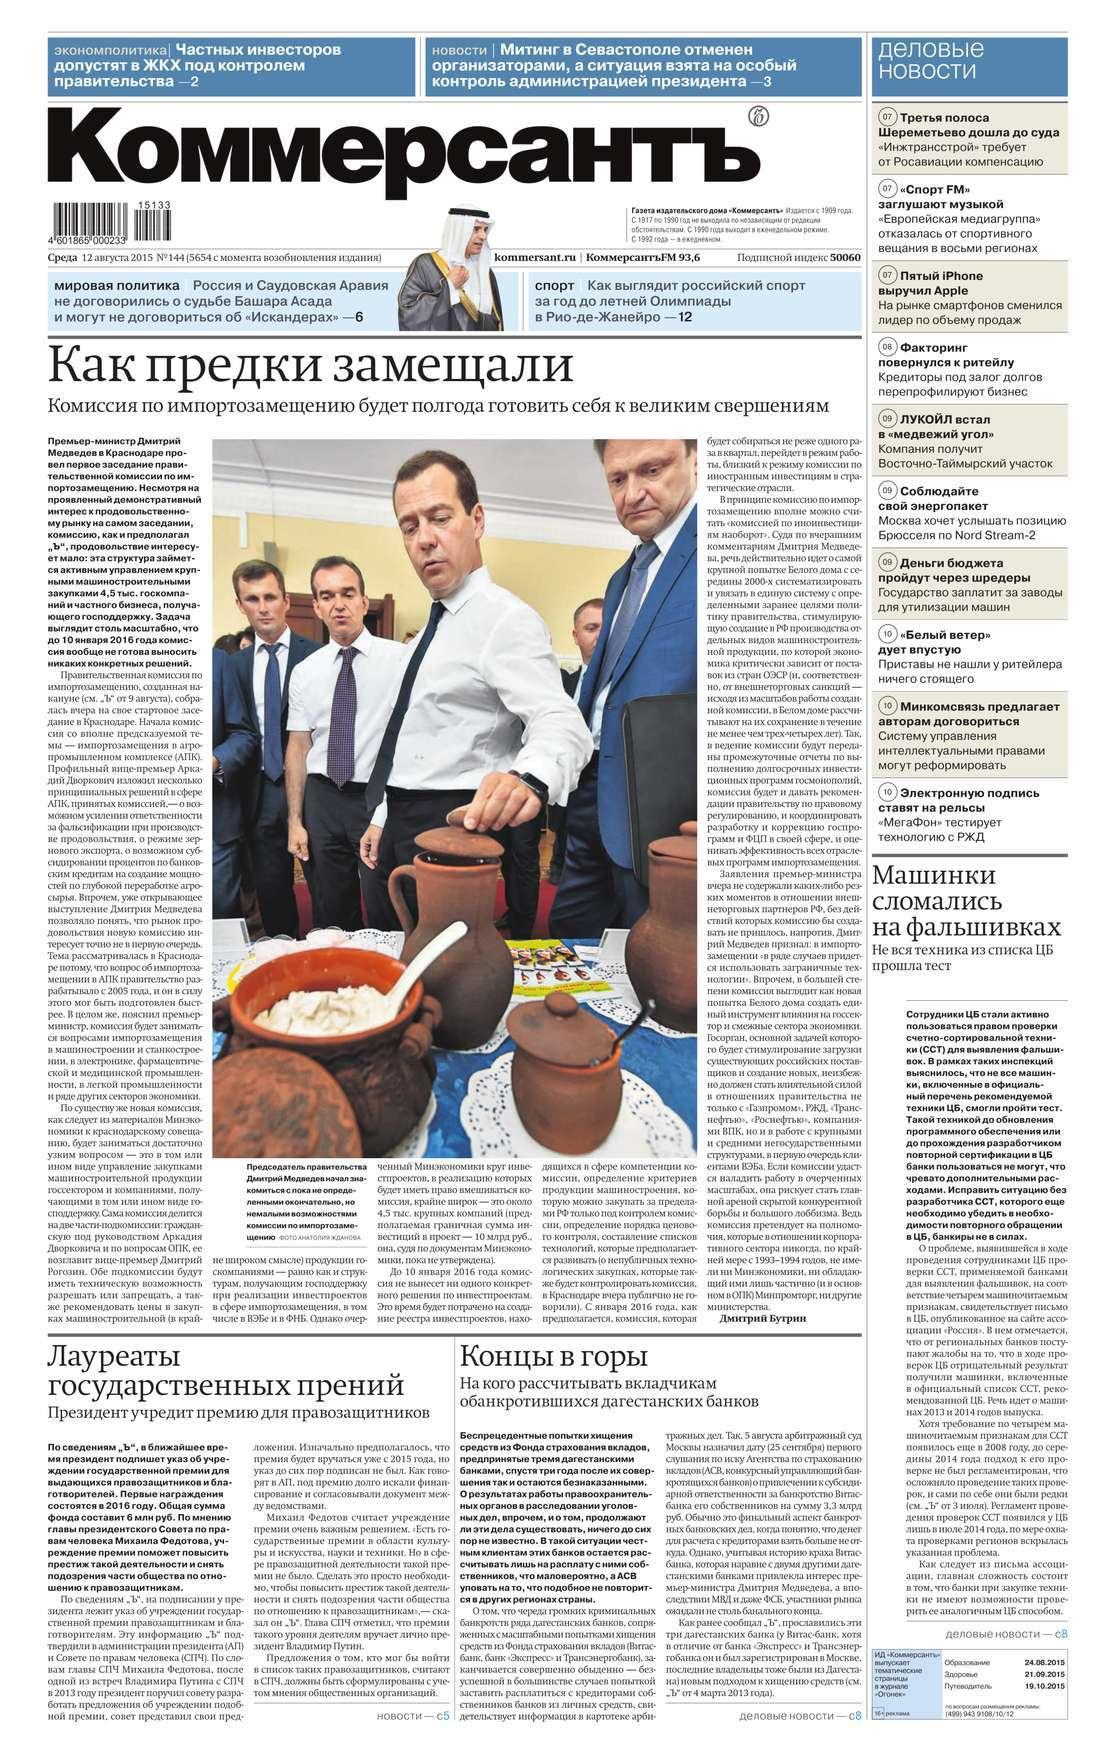 бесплатно КоммерсантЪ 144-2015 Скачать Редакция газеты КоммерсантЪ